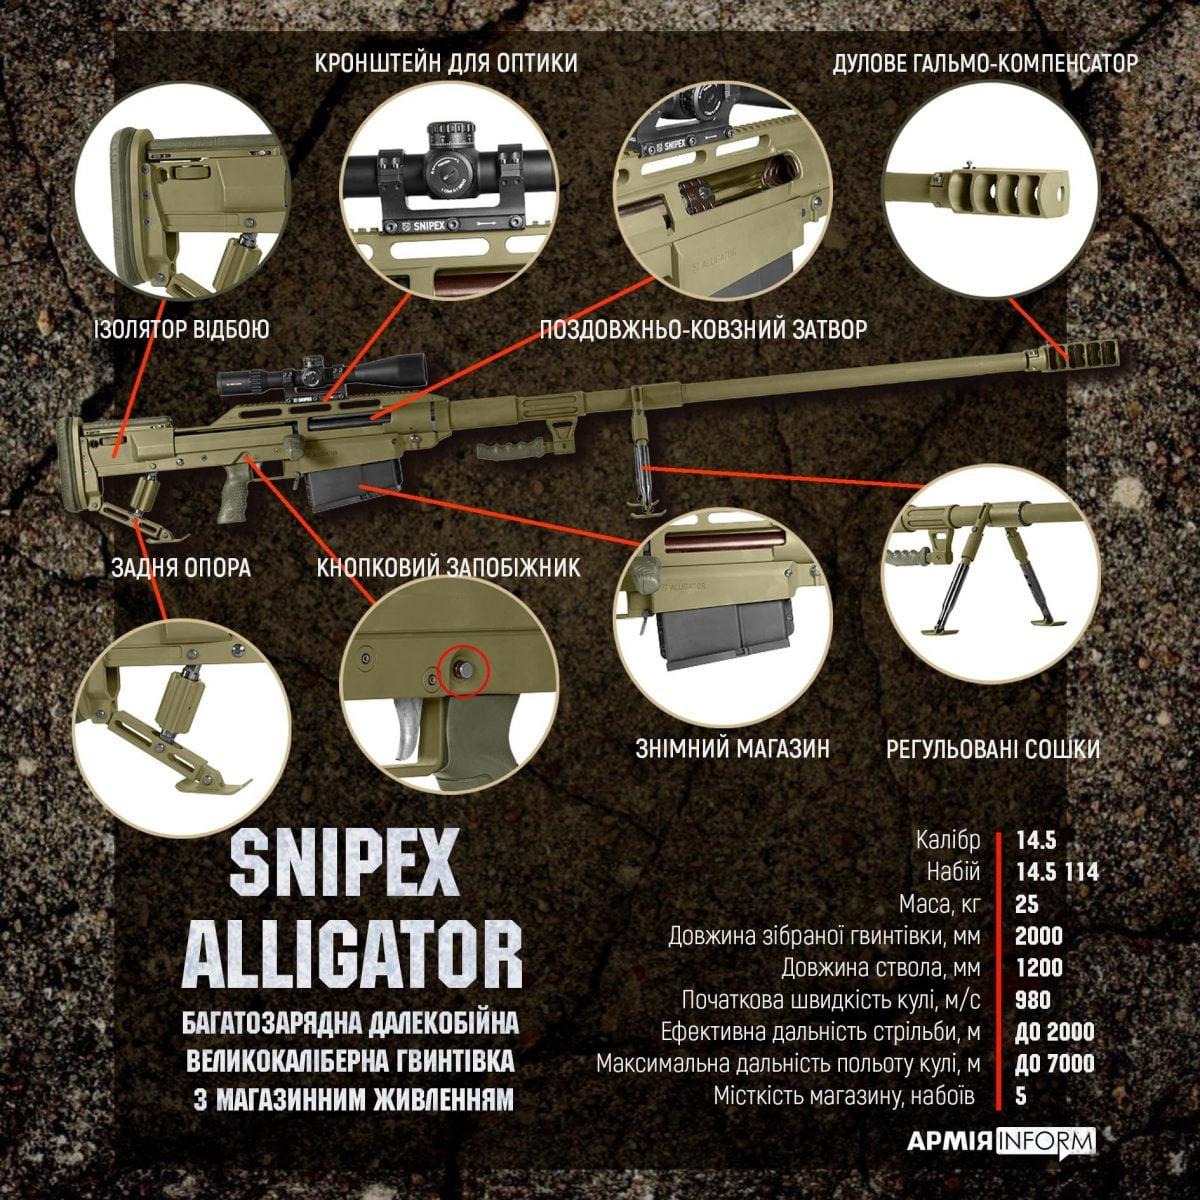 Українська армія отримала надпотужну новітню зброю (Фото) - фото 5